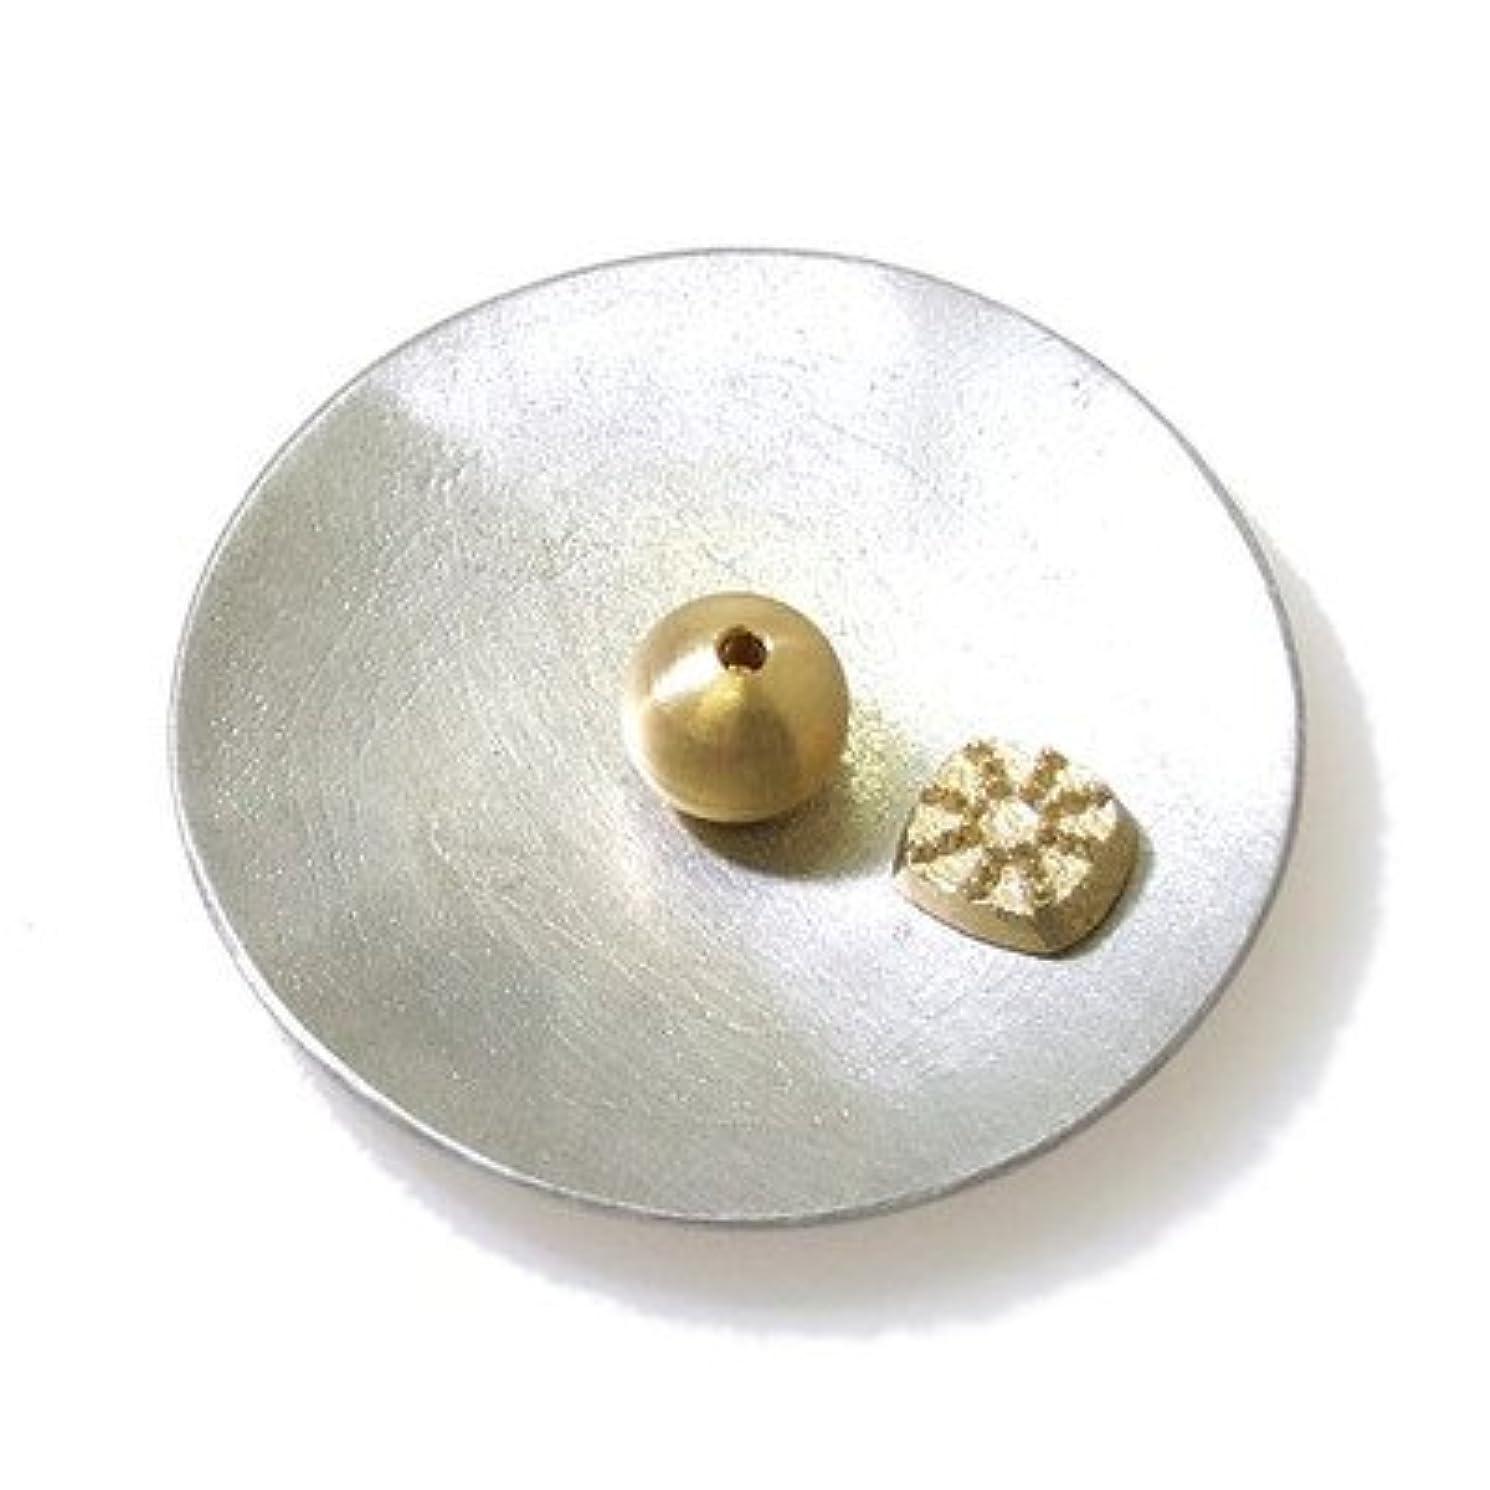 ペースト馬鹿げたチョップ能作 (のうさく) 香の器セット-丸- 錫